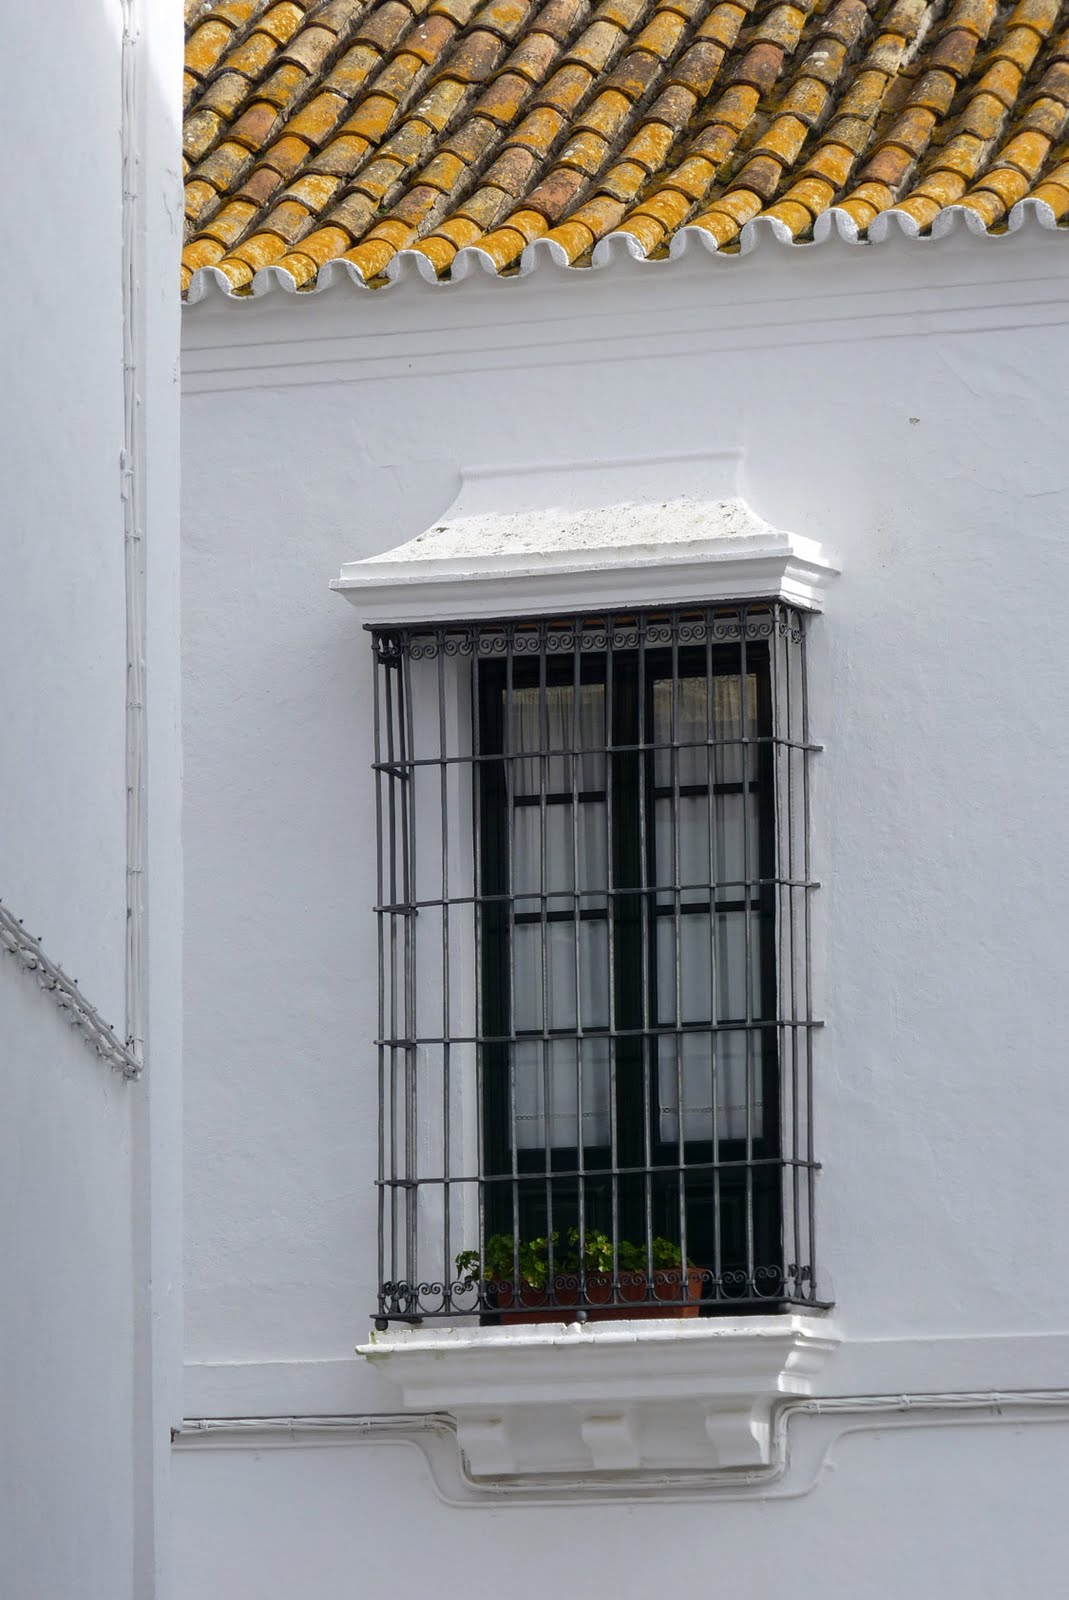 Las fotograf as de miguel roa algunas puertas ventanas y - Rejas para balcones ...